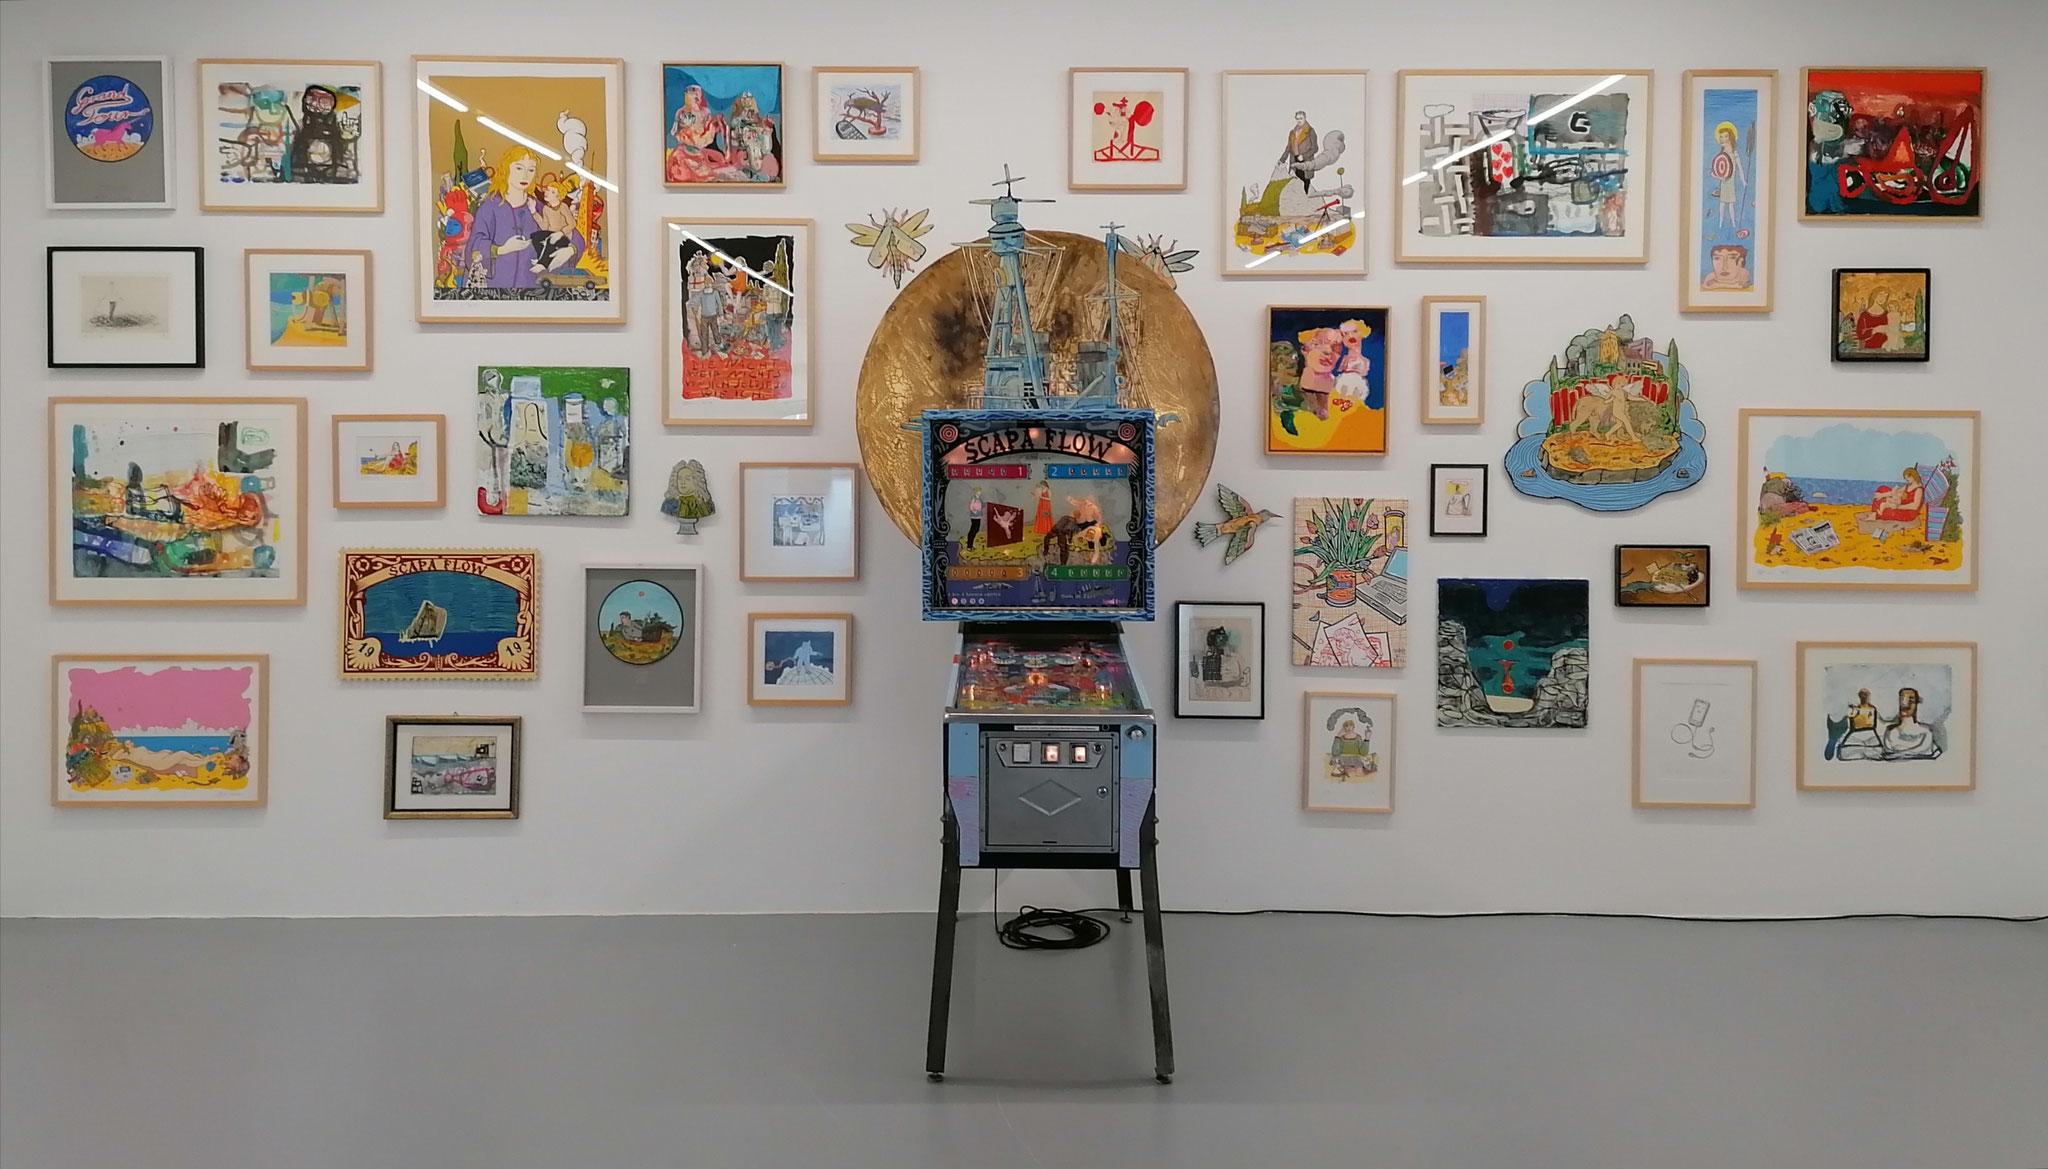 Ausstellungsansicht, Wandinstallation, Arbeiten von Giebler und Götze